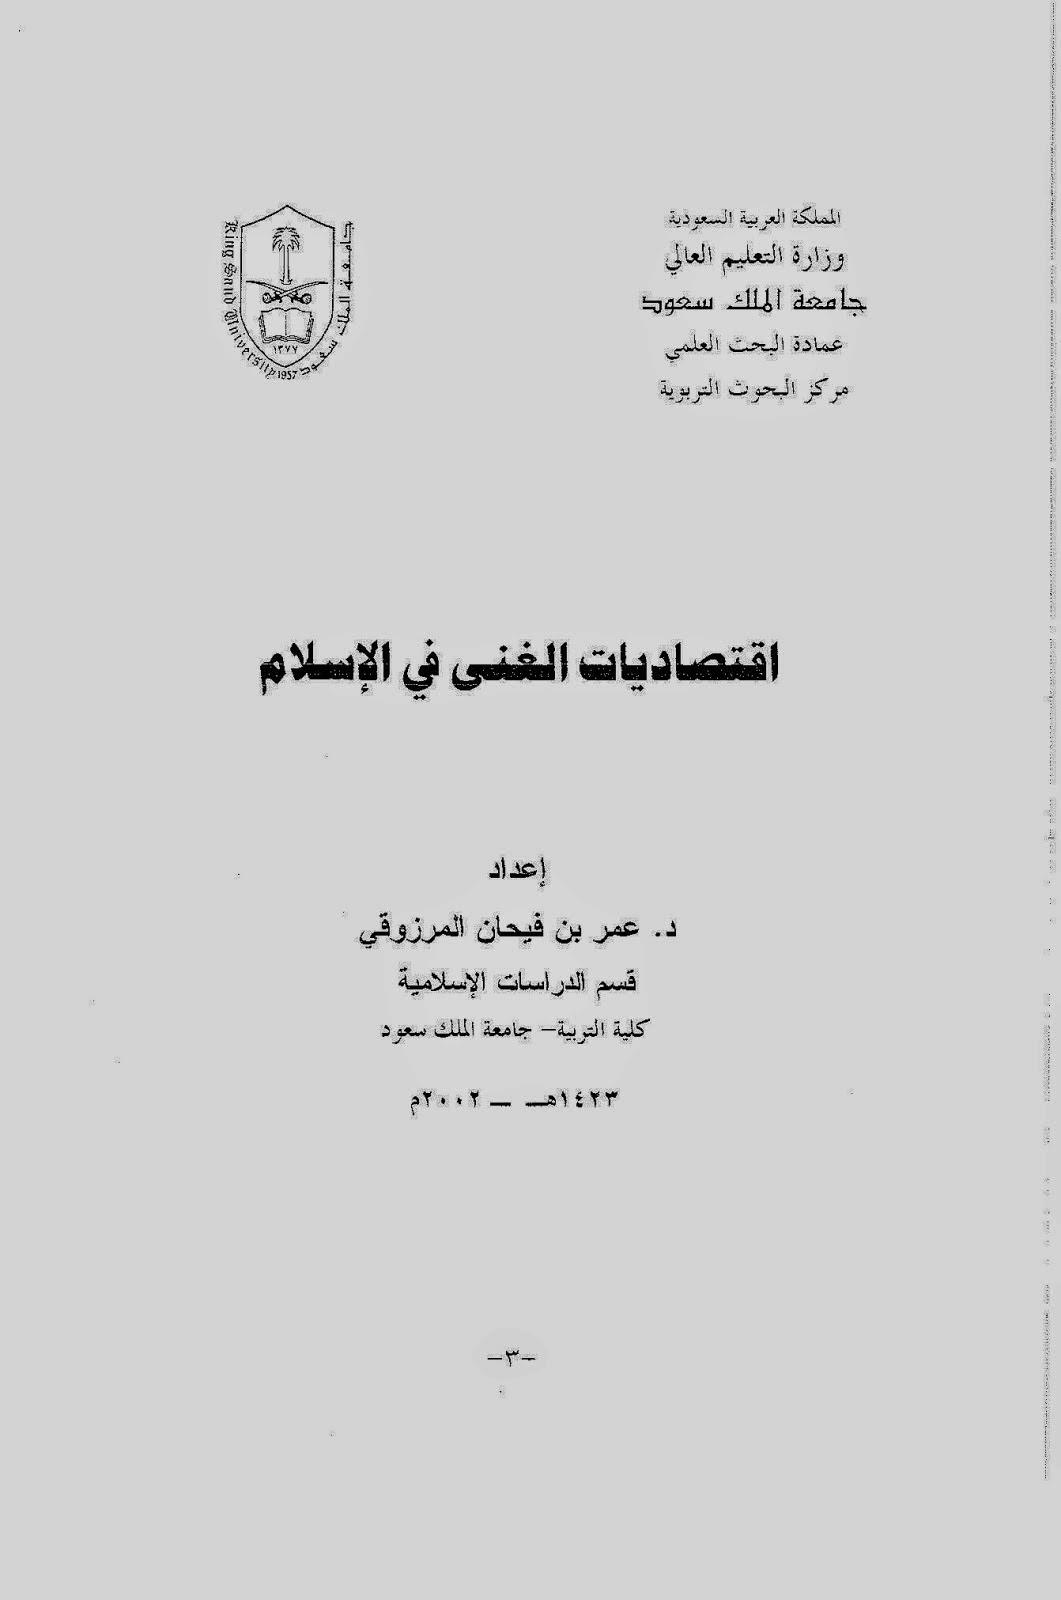 اقتصاديات الغنى في الإسلام - عمر بن فيحان المرزوقي